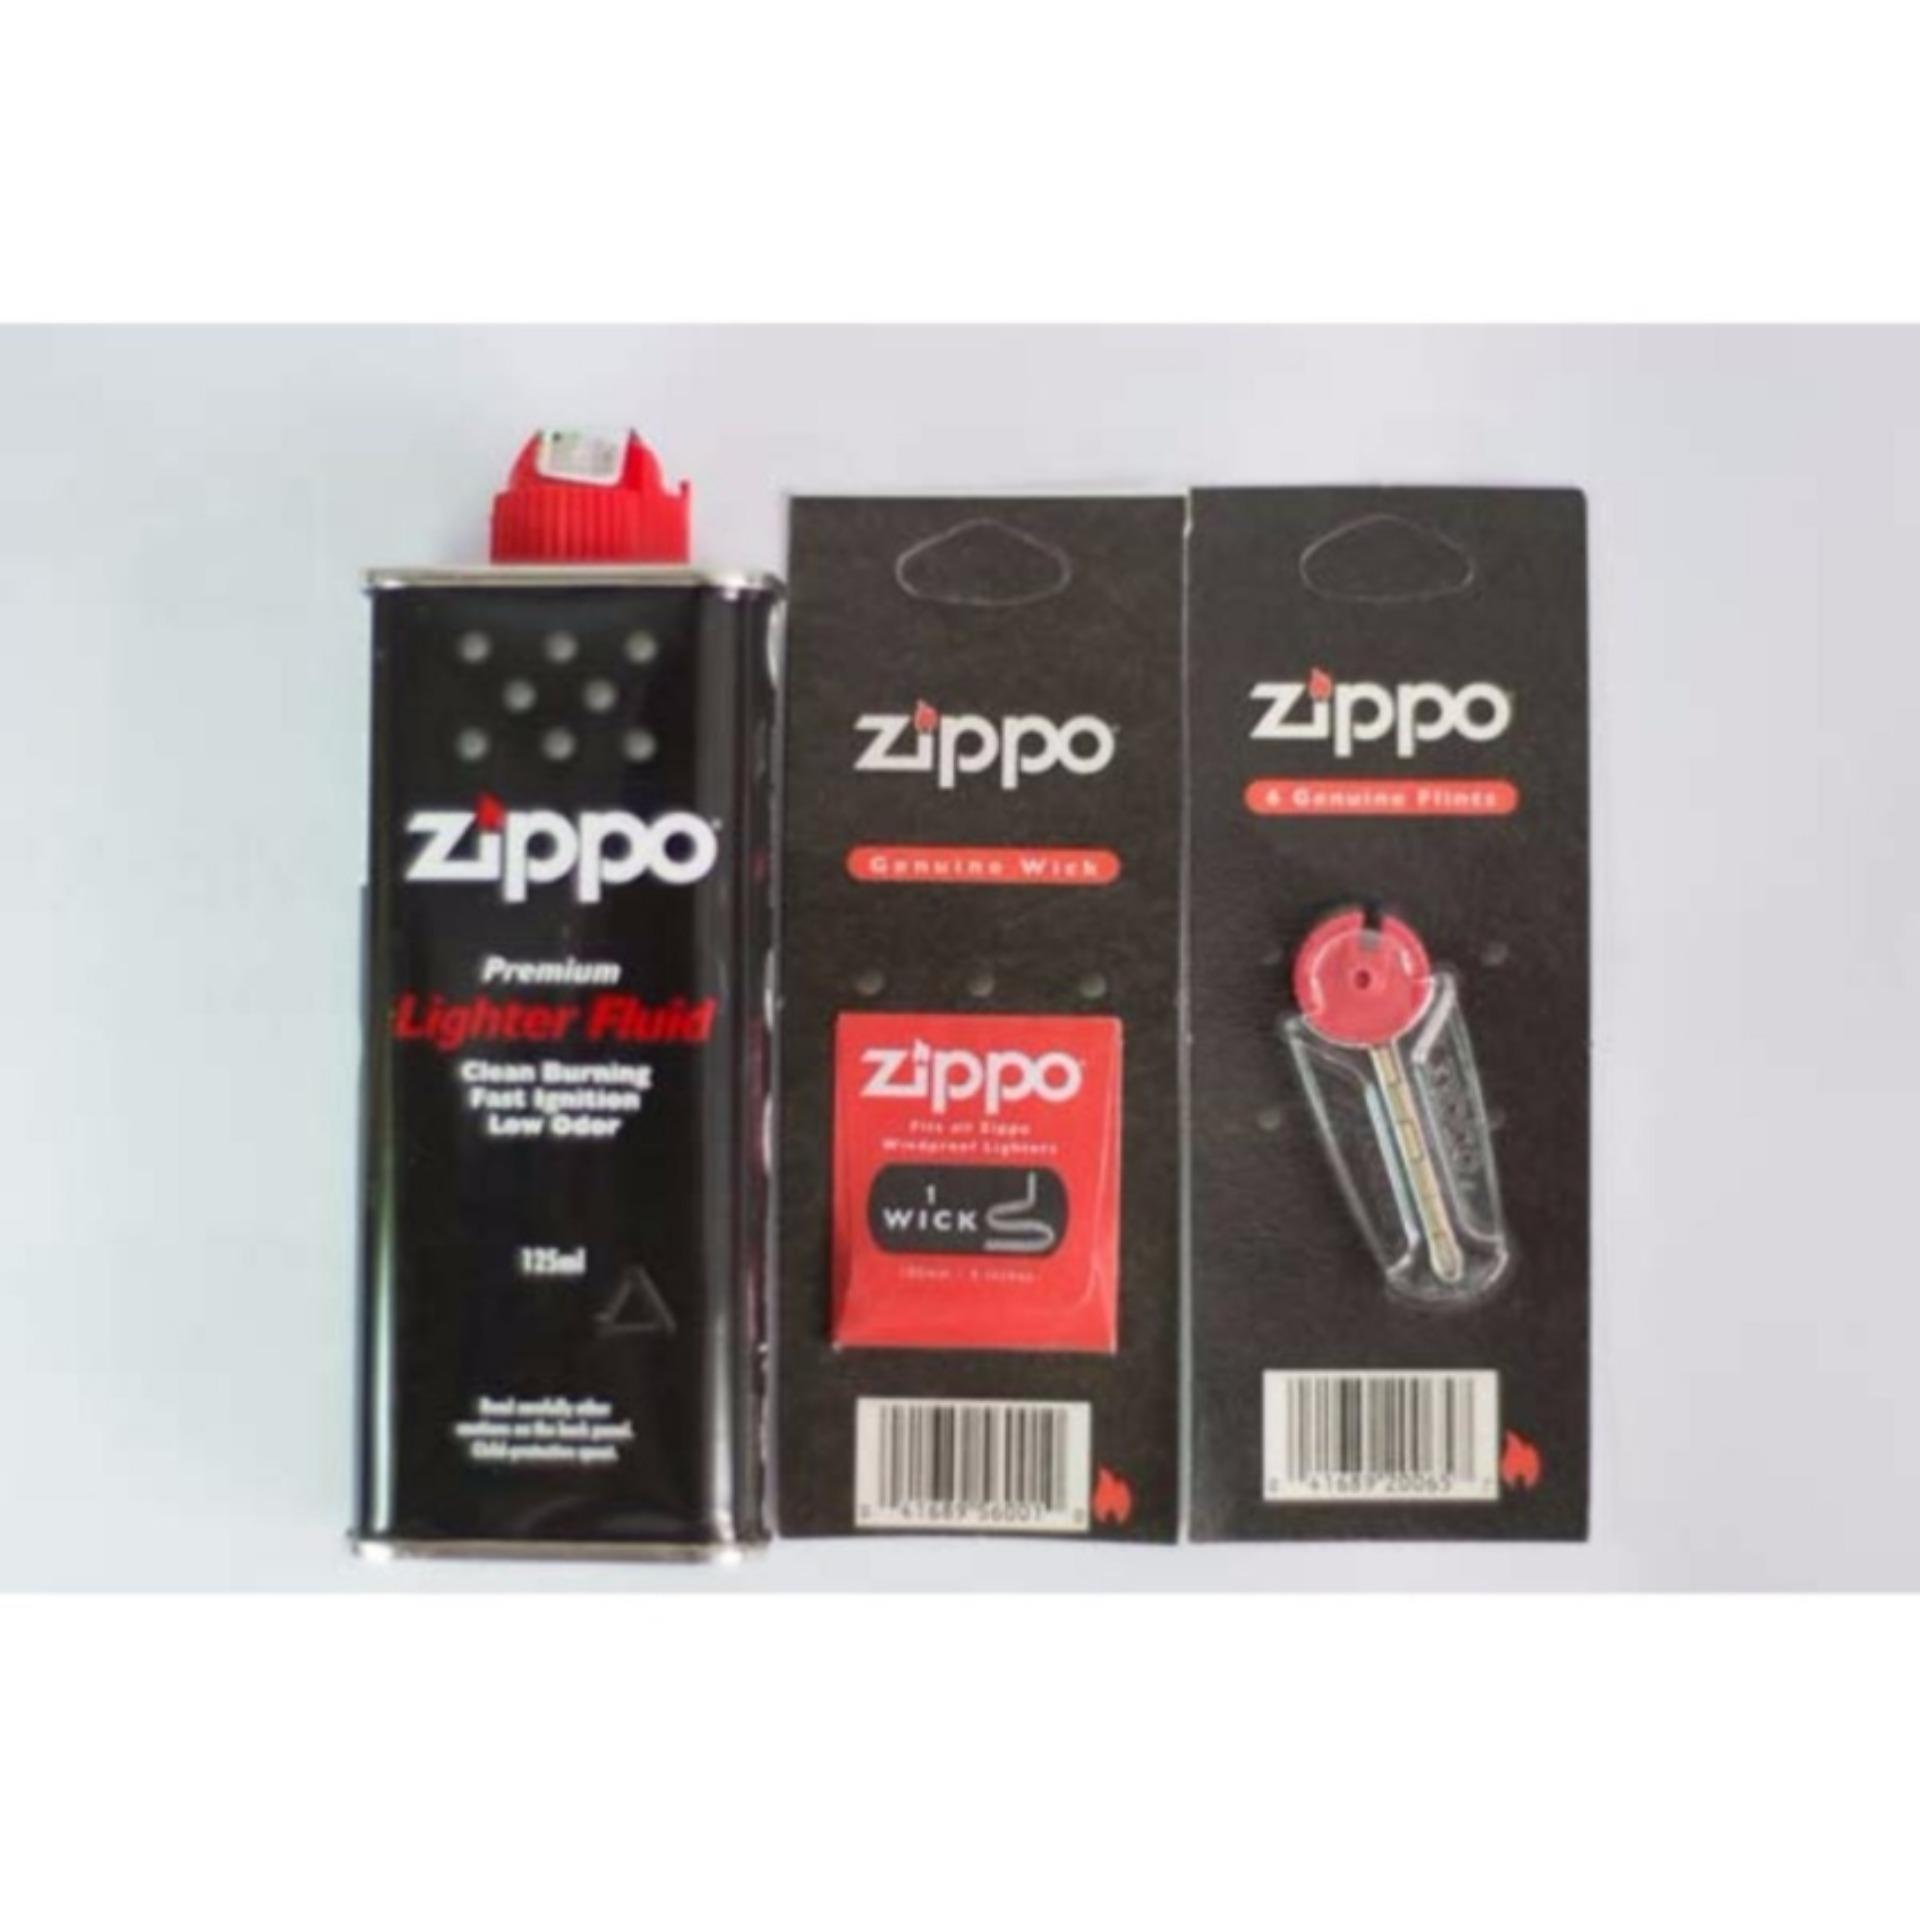 Bộ 3 sản phẩm Xăng, Đá, Bấc Zippo